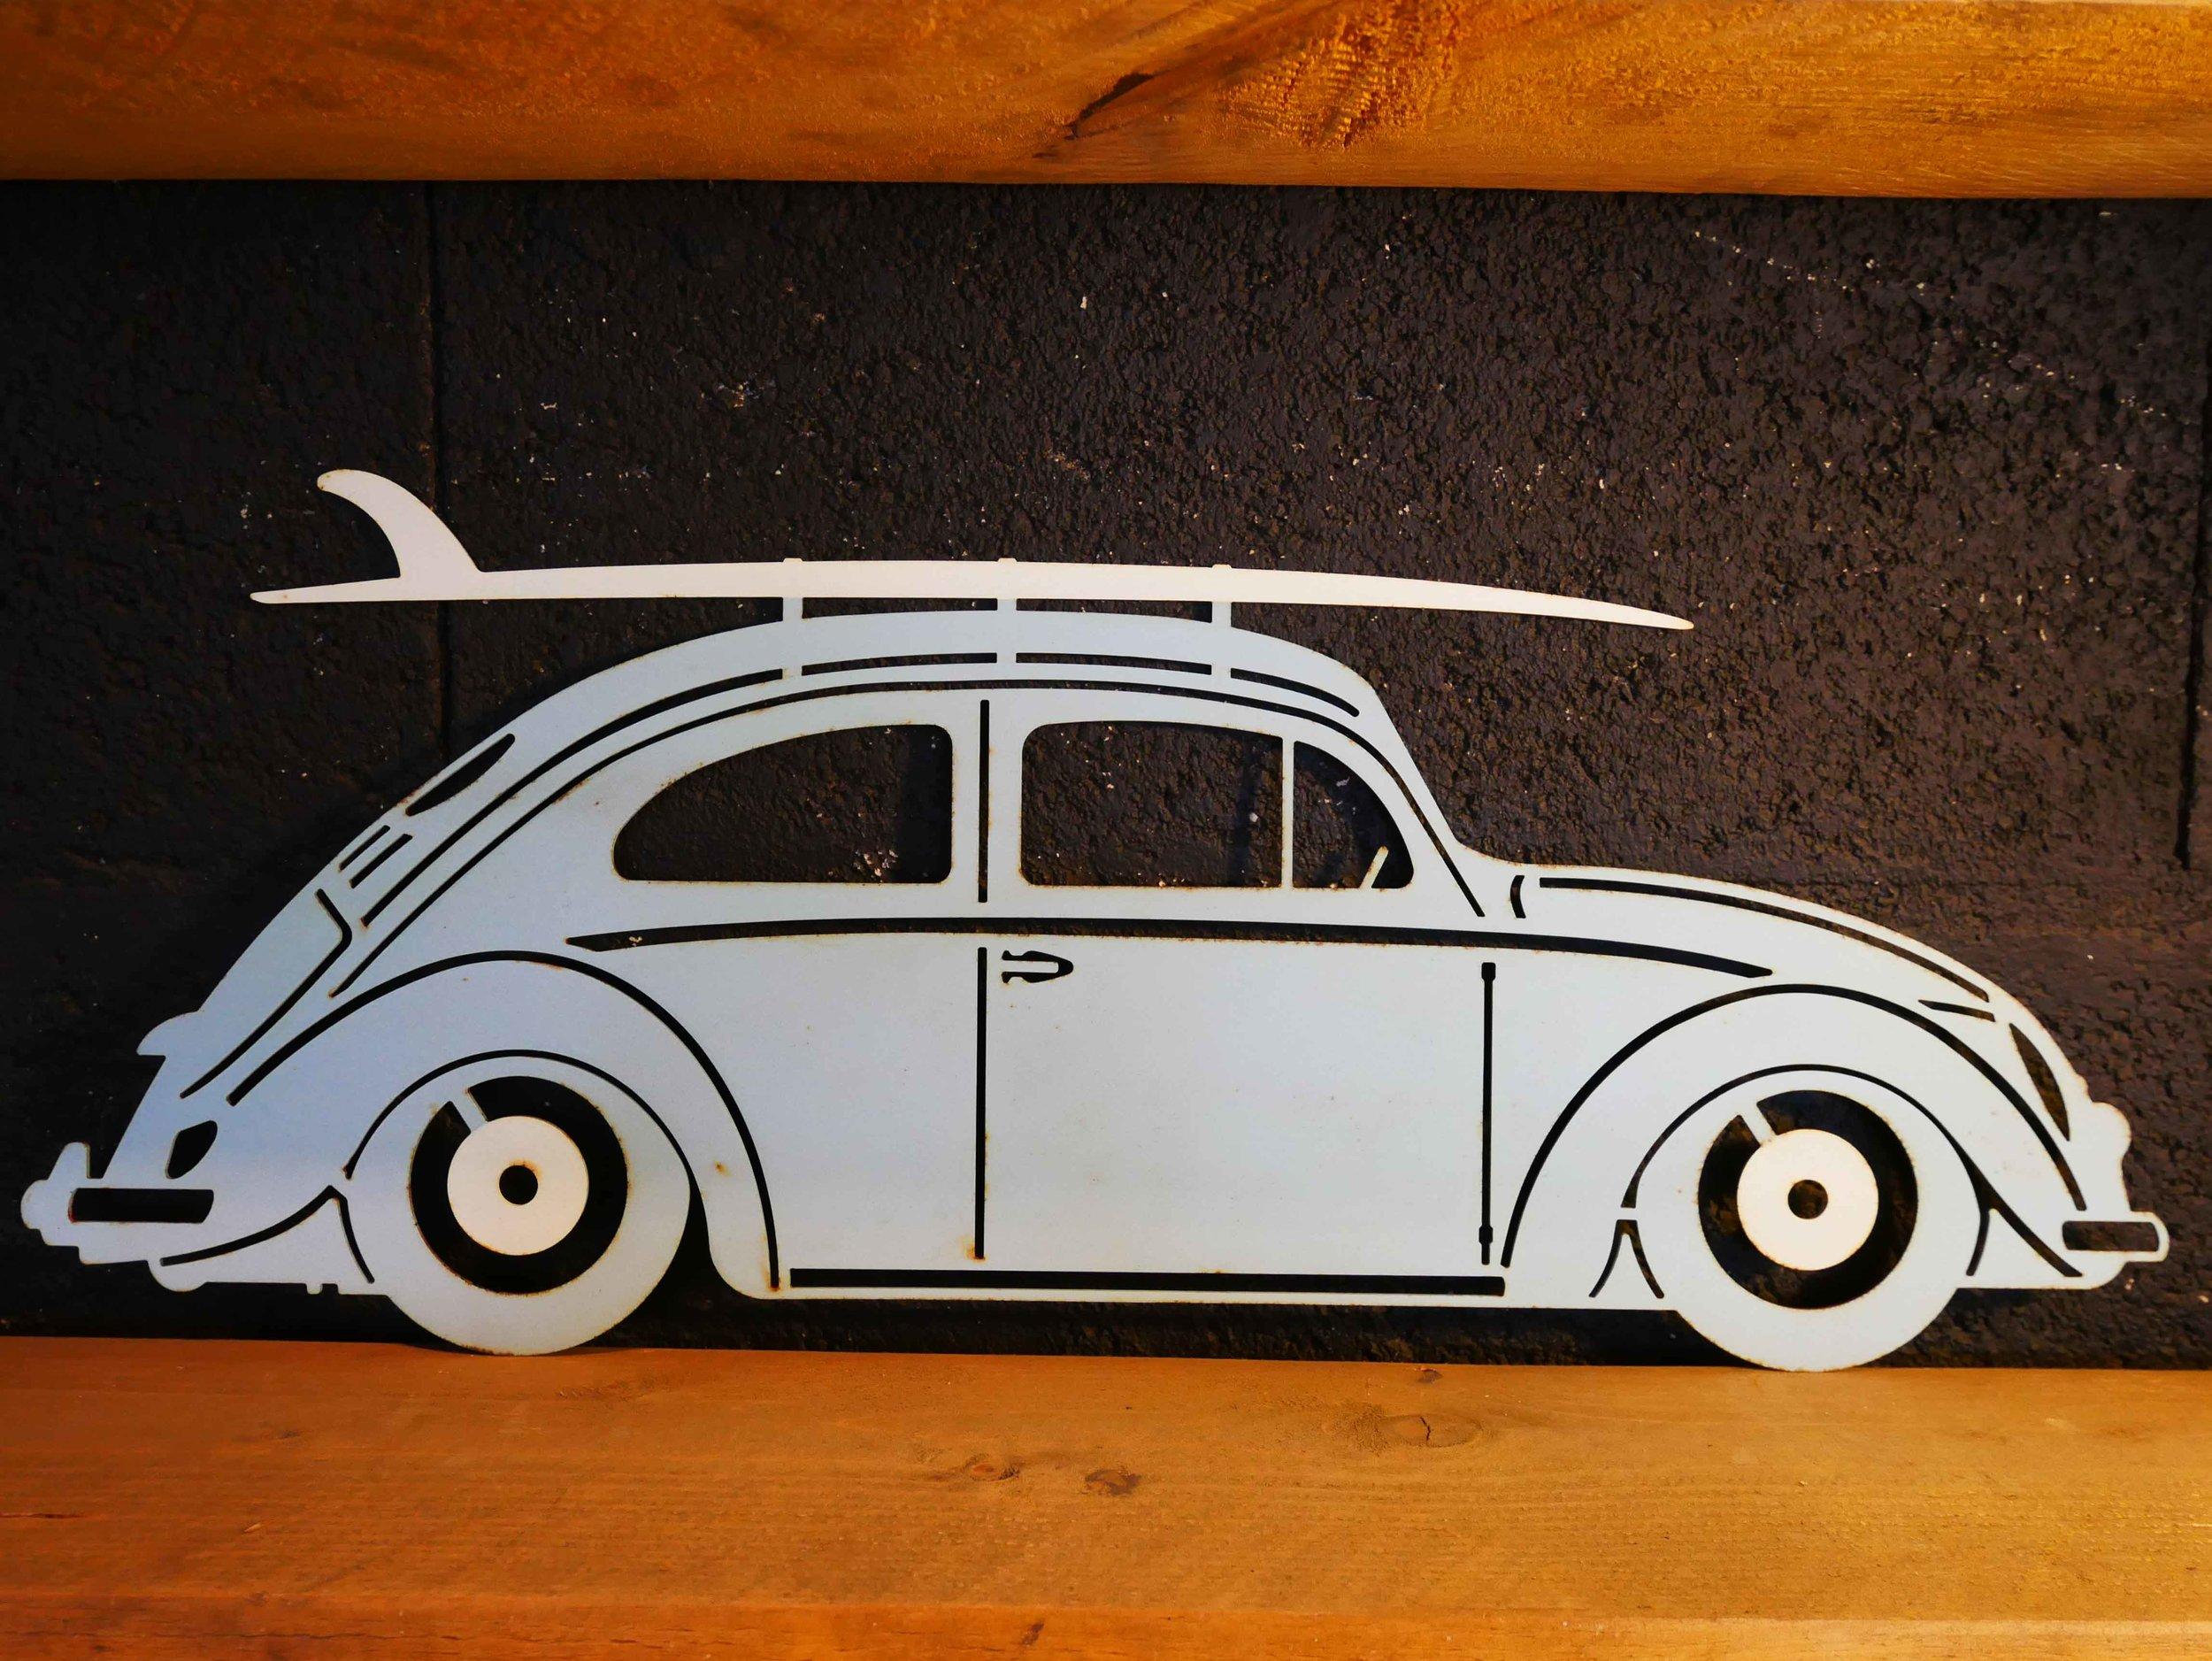 Récréa_profil véhicule_VW_cox_surf_01.jpg